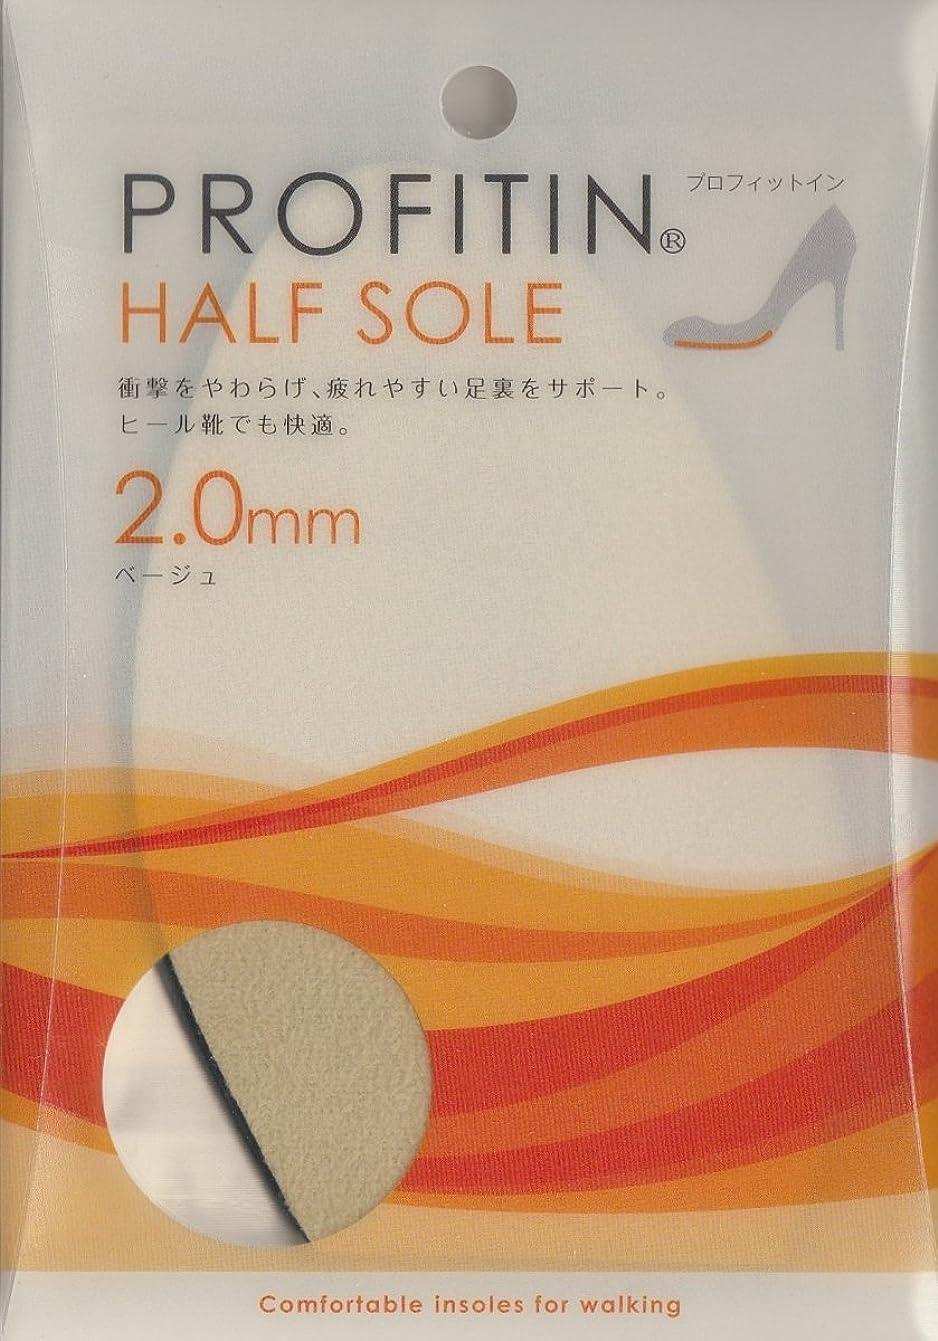 スキャンダラス聞く貢献靴やブーツの細かいサイズ調整に「PROFITIN HALF SOLE」 (2.0mm, ベージュ)